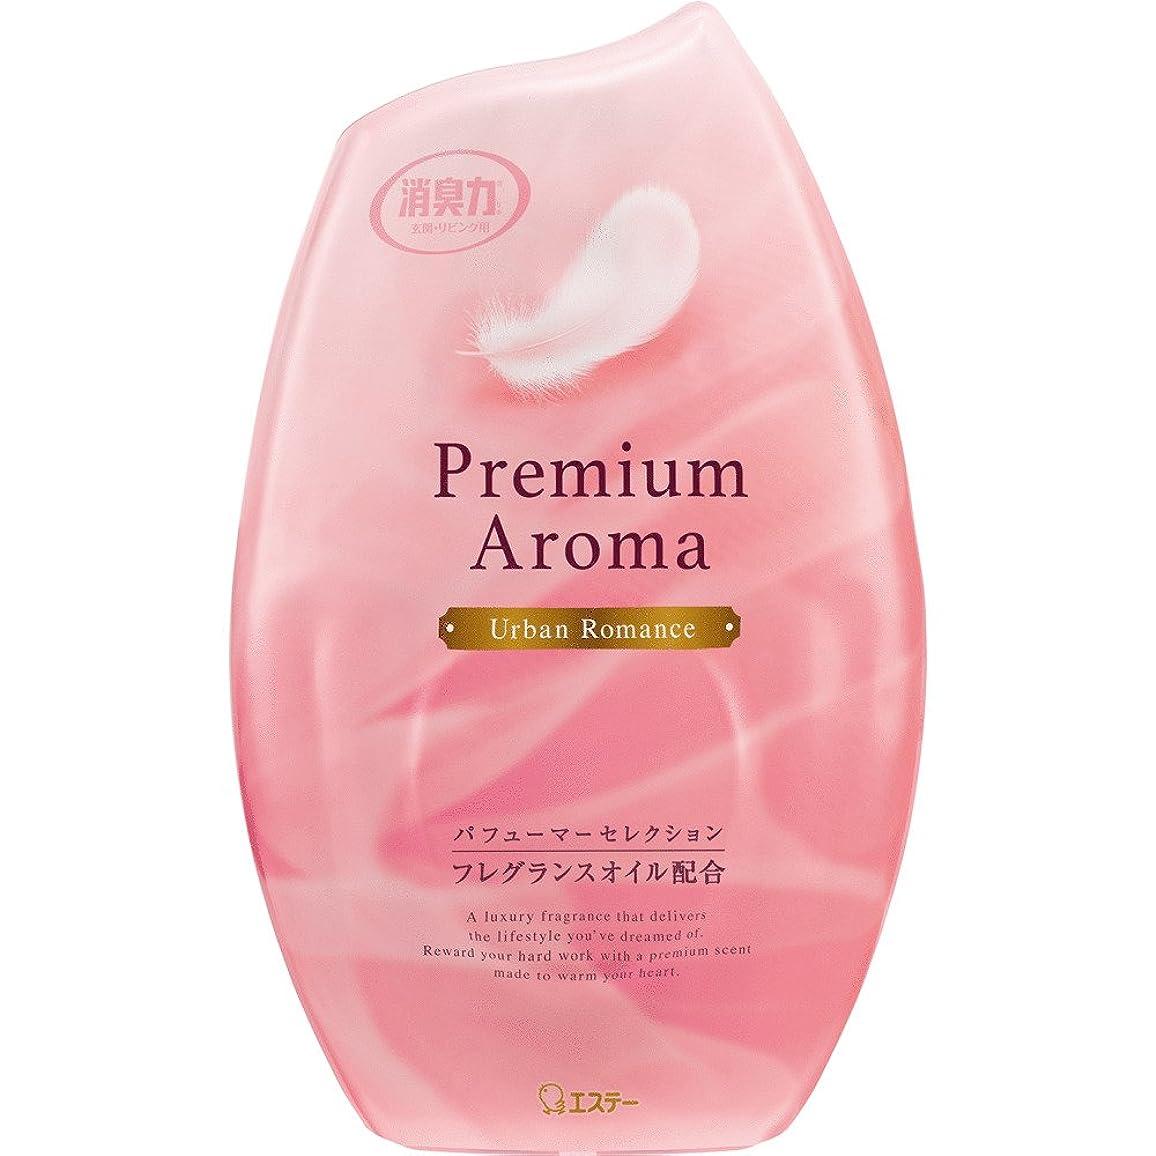 旋律的どこか地平線お部屋の消臭力 プレミアムアロマ Premium Aroma 消臭芳香剤 部屋用 部屋 アーバンロマンスの香り 400ml